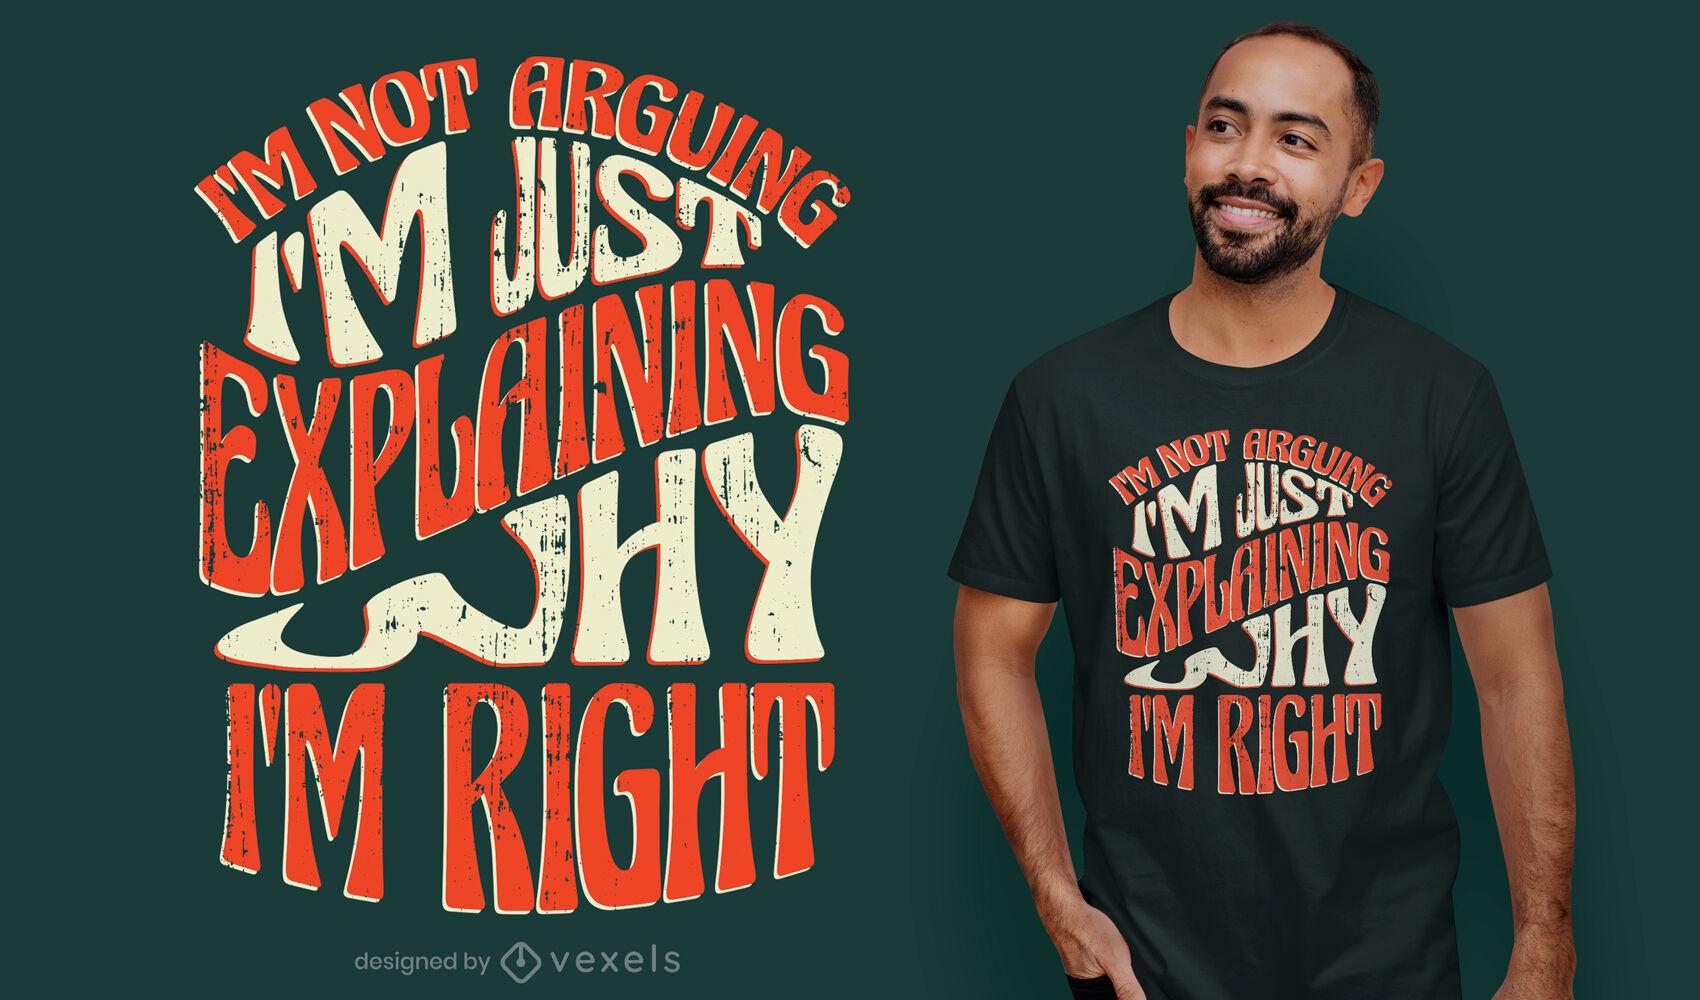 No estoy discutiendo el diseño de la camiseta